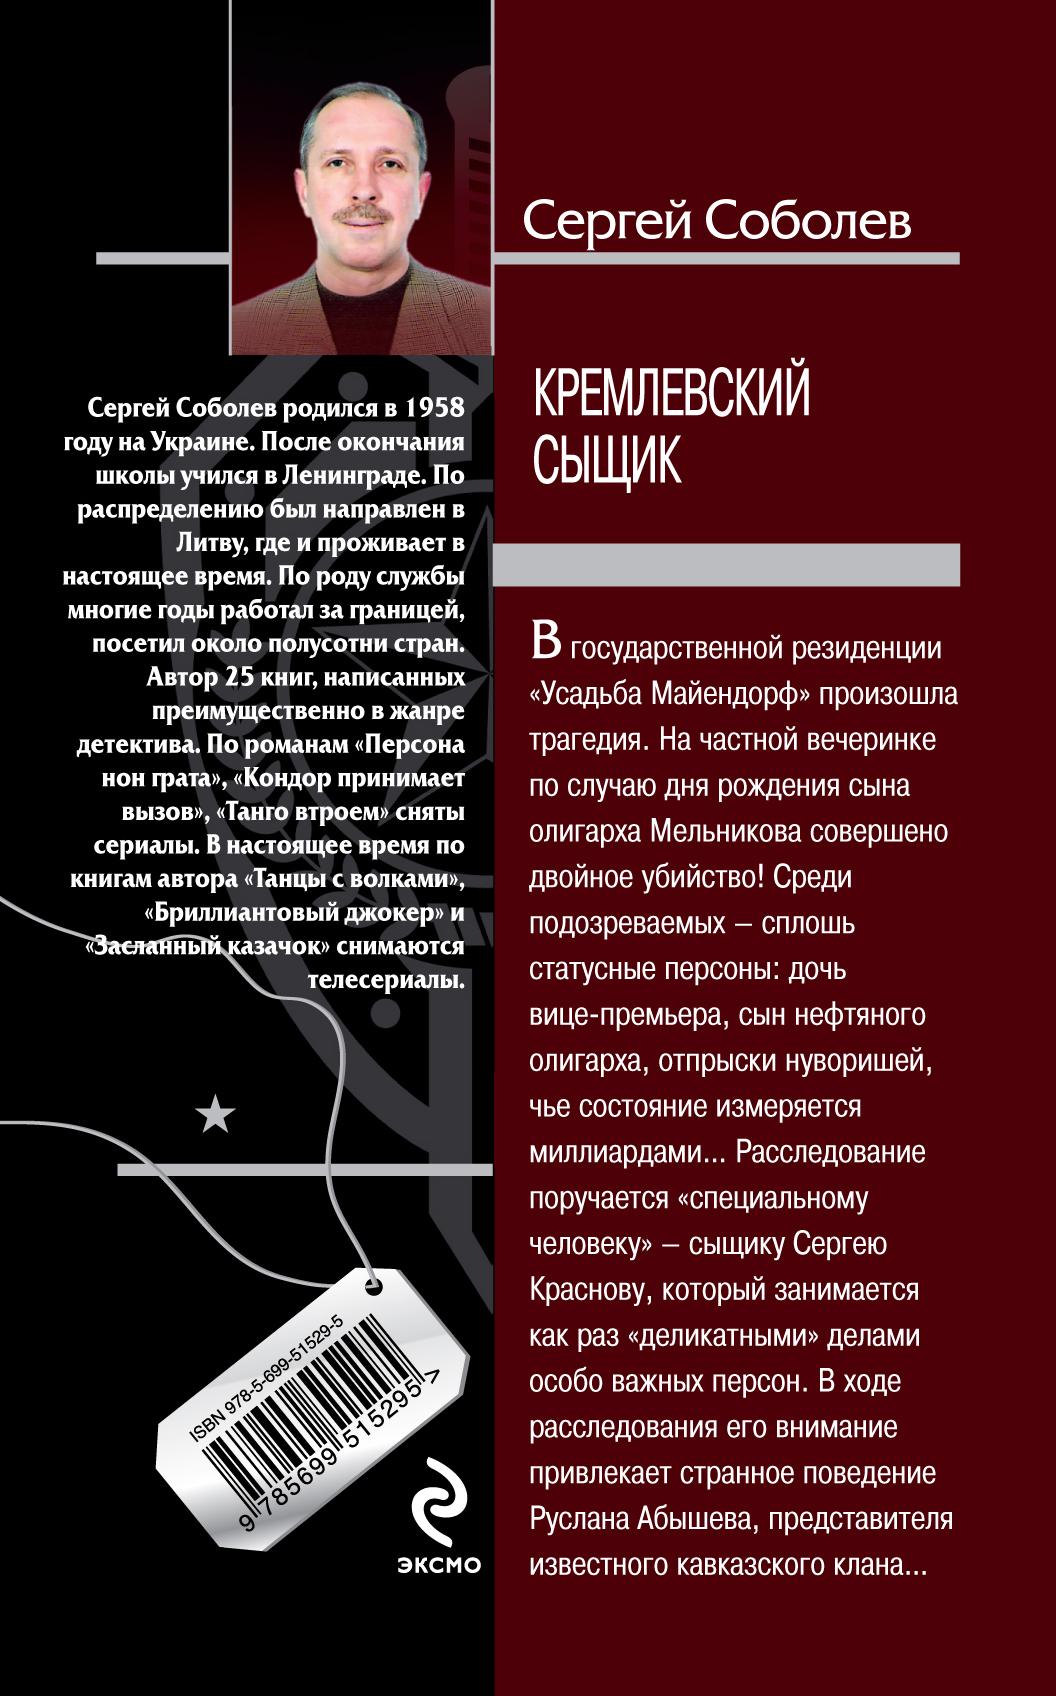 Кремлевский сыщик